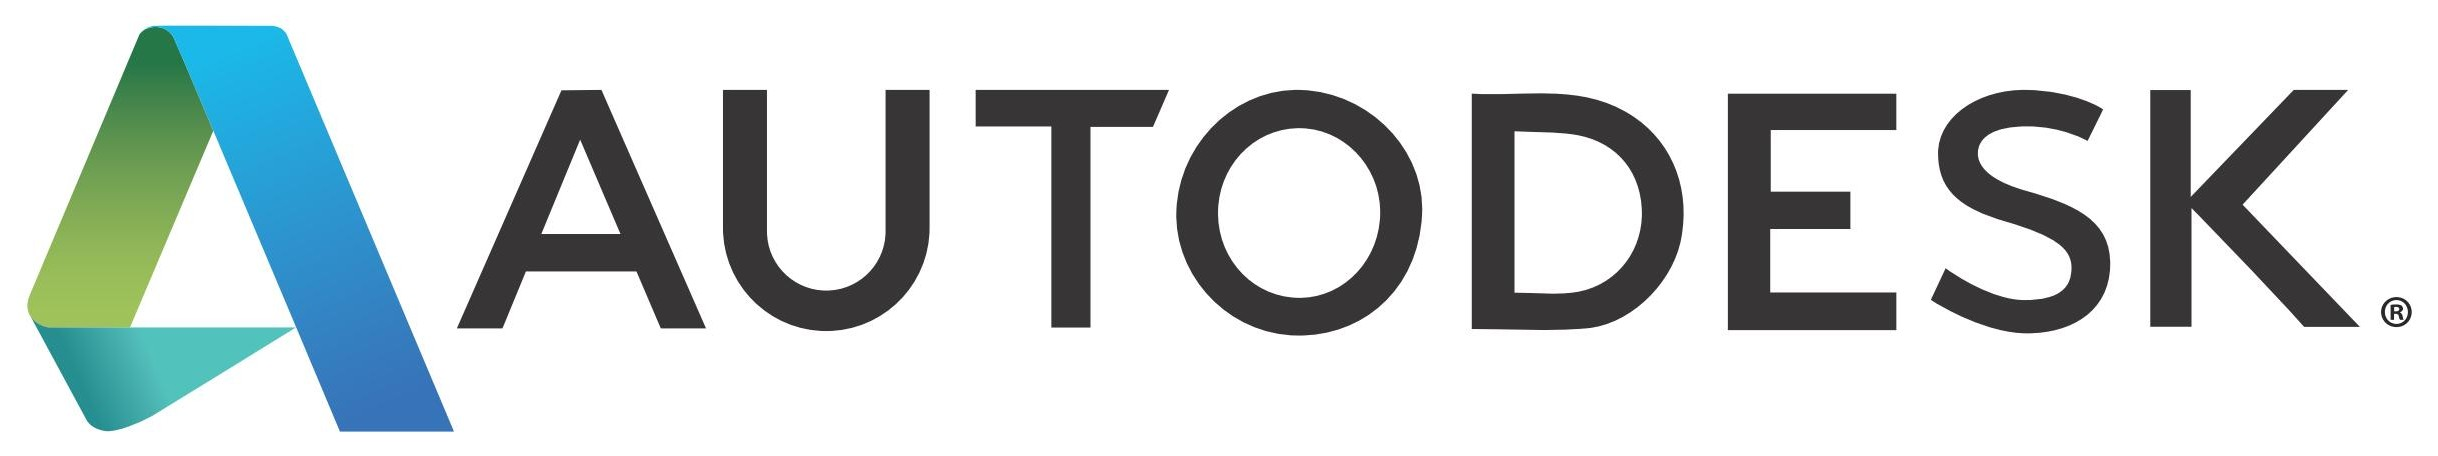 Autodesk-logo[1].jpg